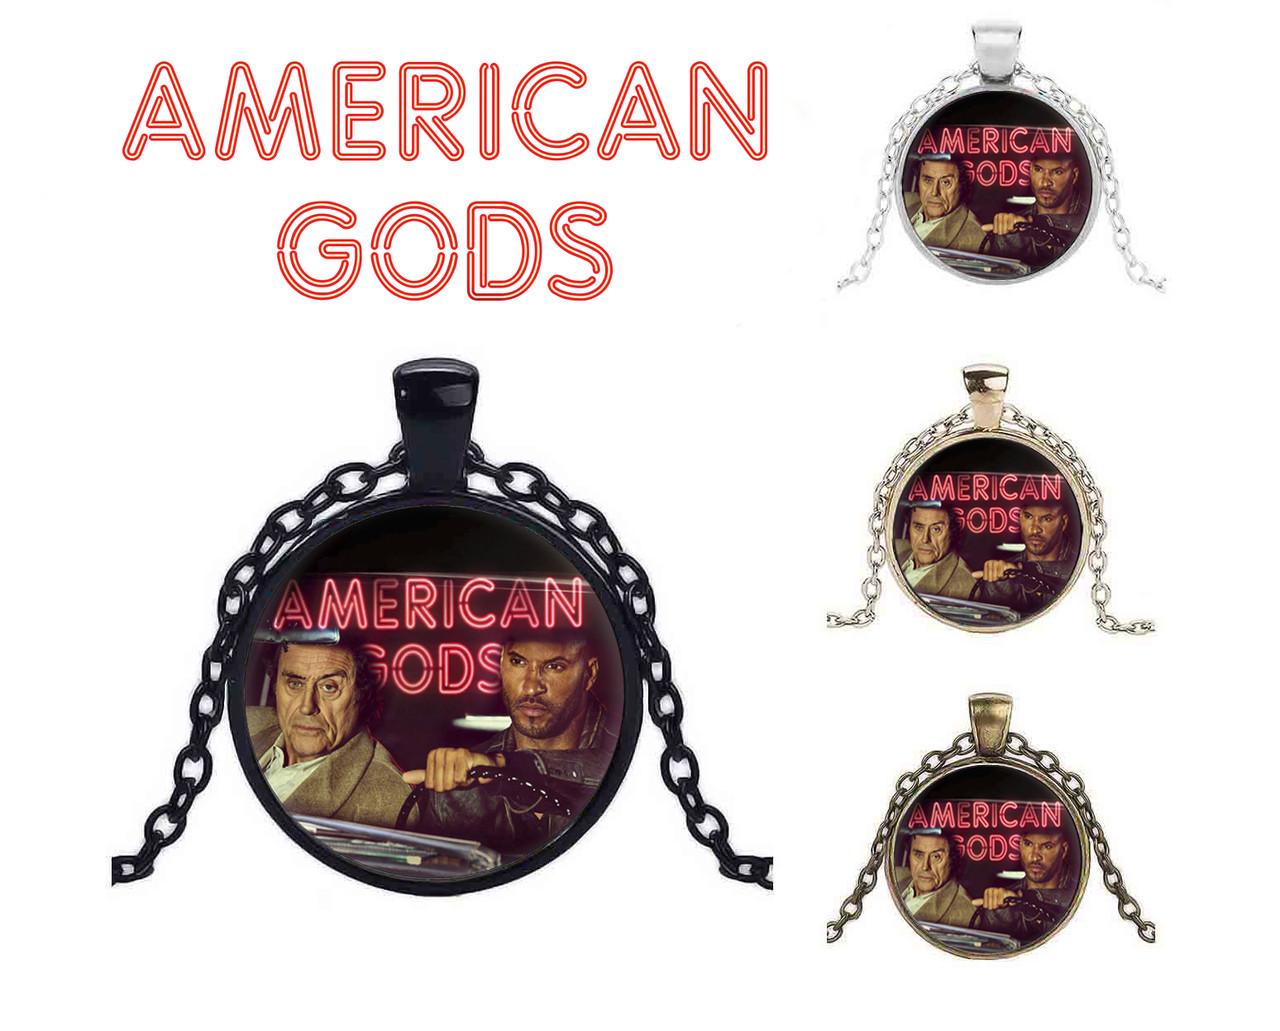 Кулон Американские боги / American Gods с Одином и Тенью